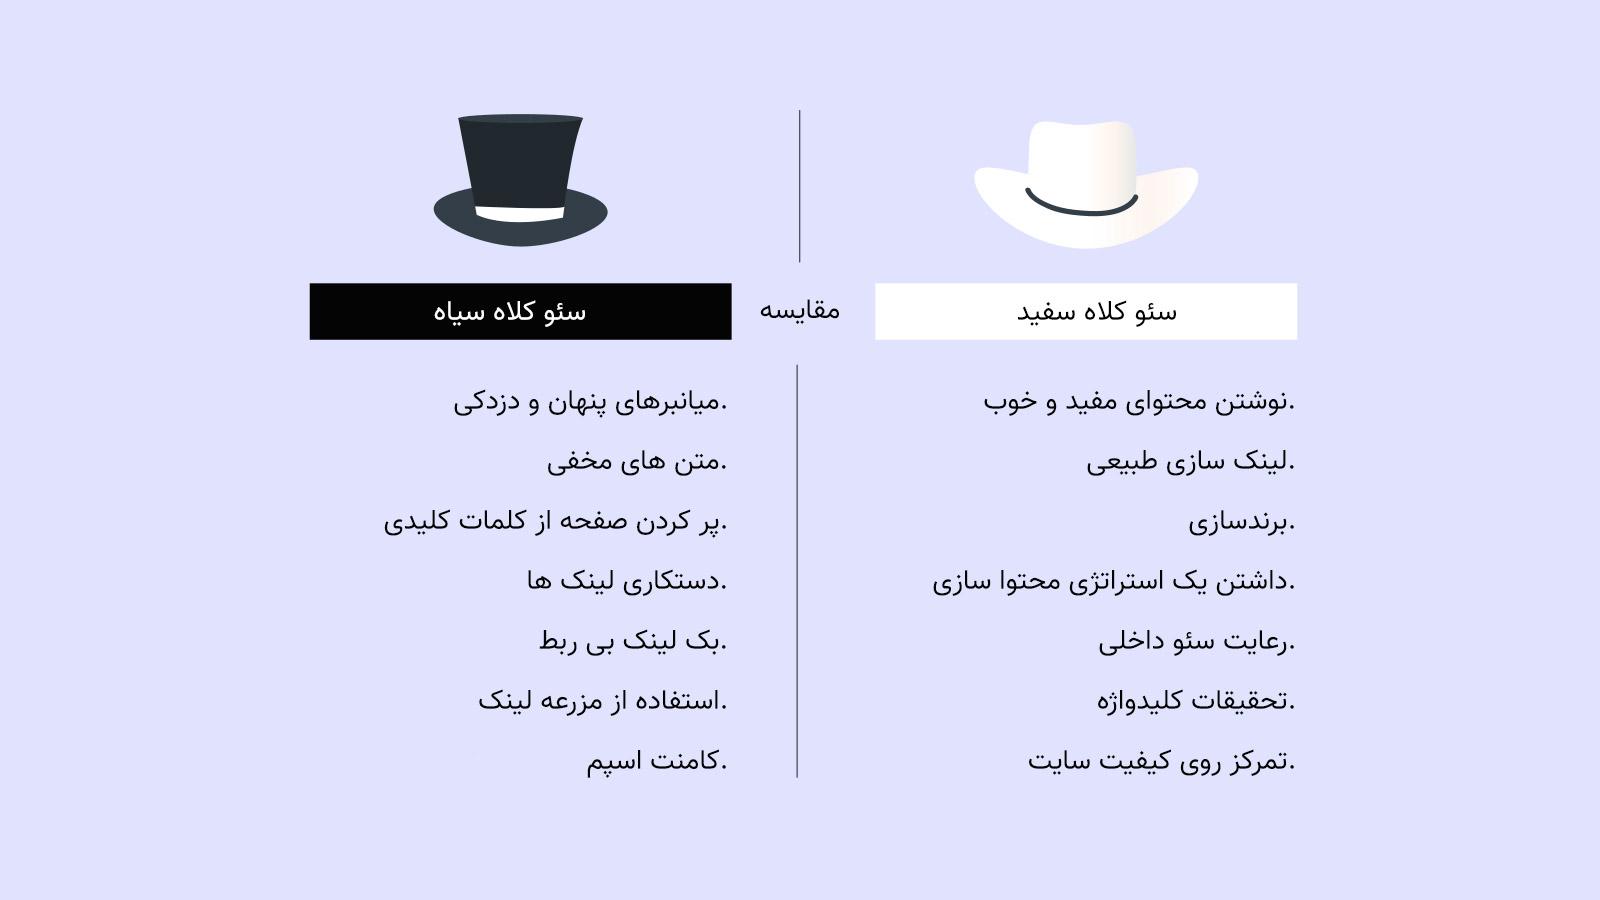 مقایسه سئو کلاه سفید و سئو کلاه سیاه